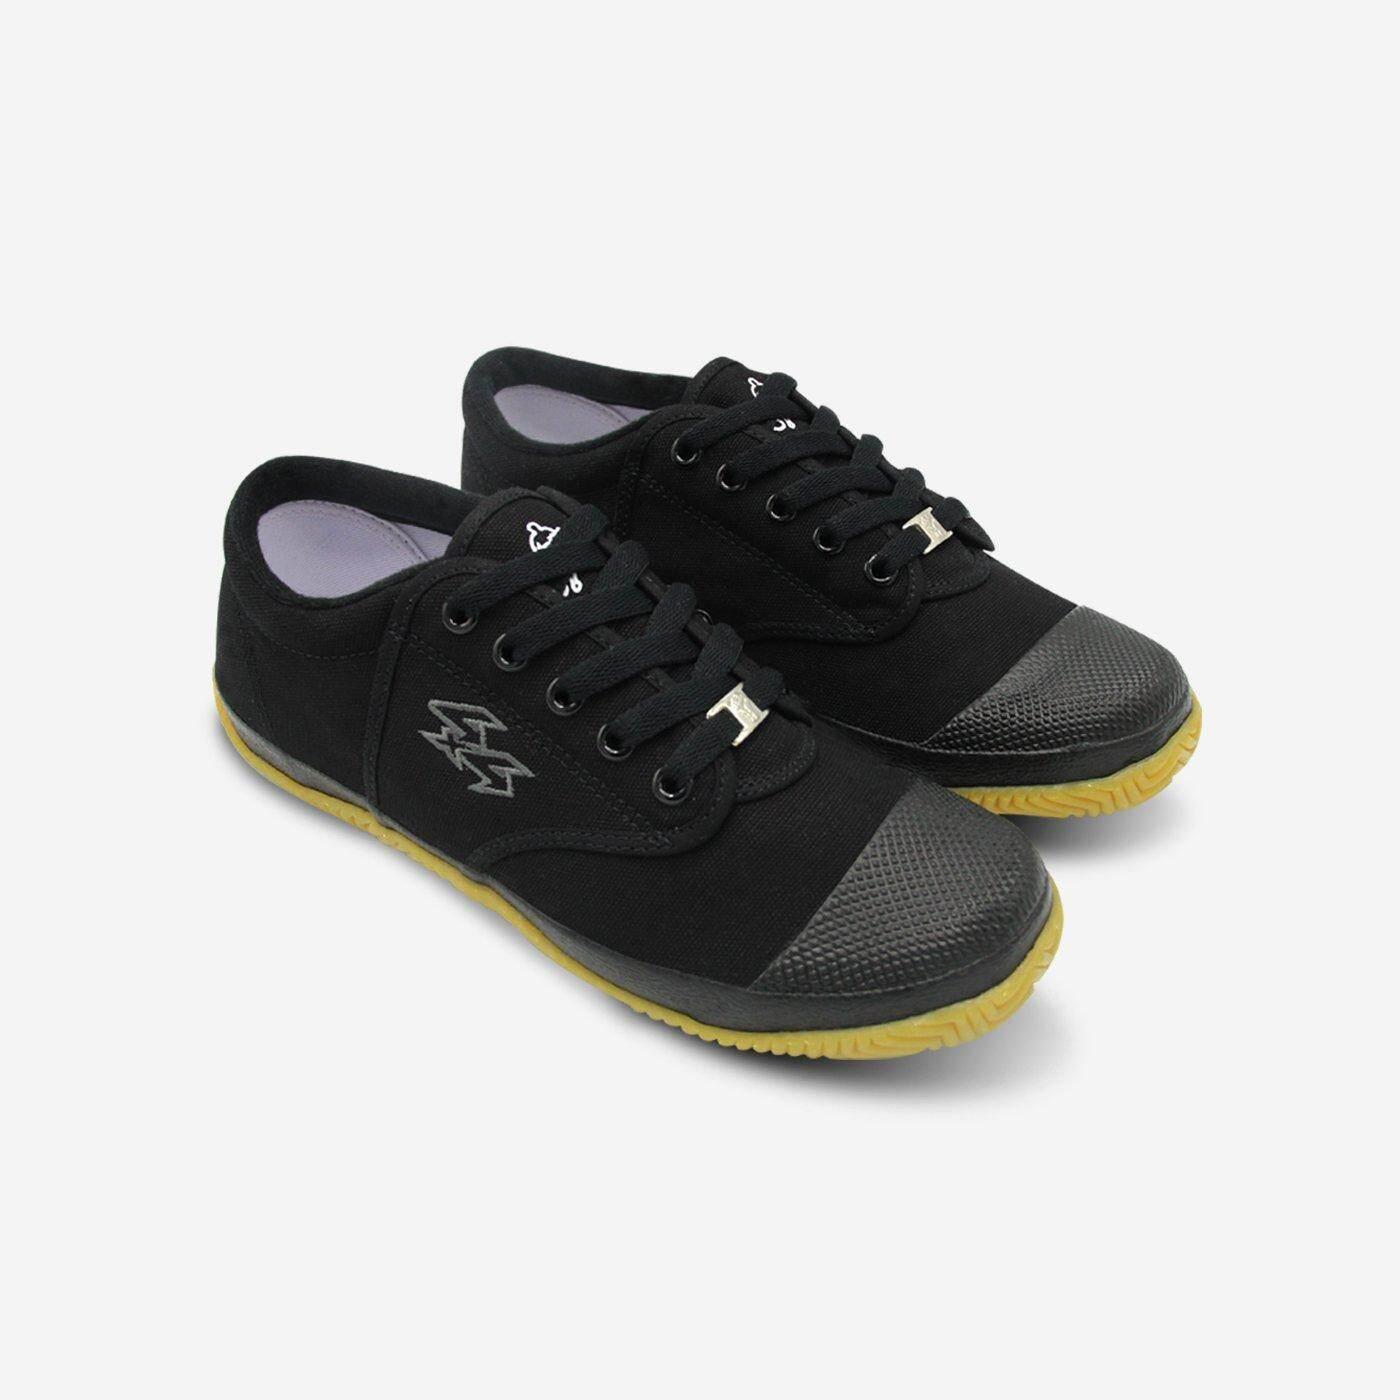 รองเท้าผ้าใบนักเรียน Breaker เบรคเกอร์ รุ่น Bk4 พร้อมส่ง.